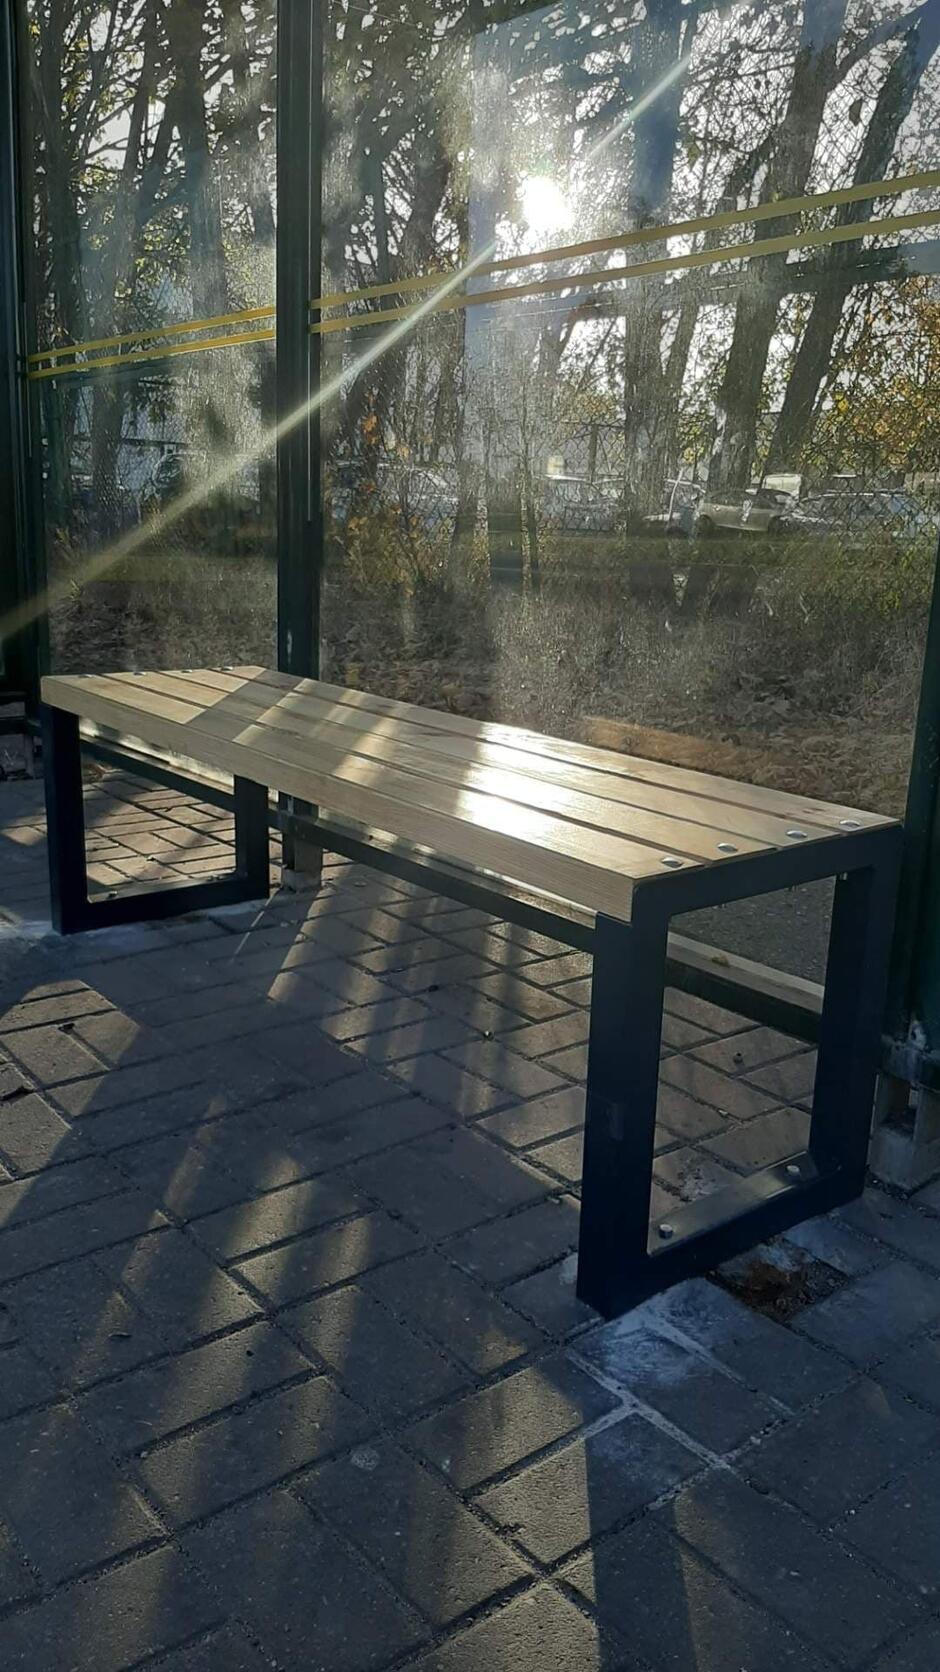 Nowe ławki przystankowe pojawią się na 28 przystankach autobusowych